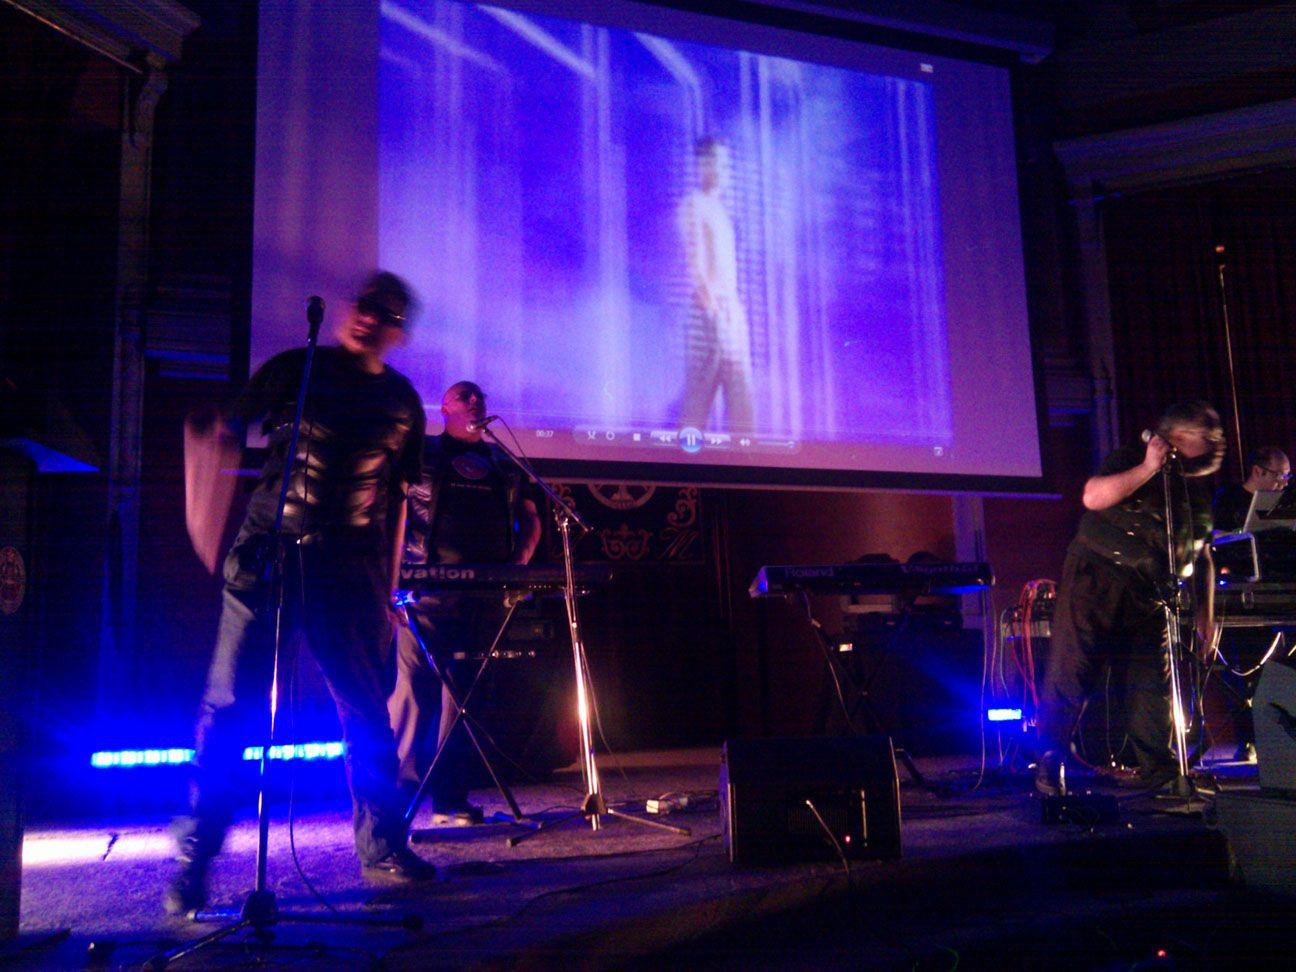 """En el concierto de Aviador Dro de la presentación oficial del proyecto """"La Voz de la Ciencia"""", en el Ateneo, el 23 de marzo de 2012 - Madrid"""